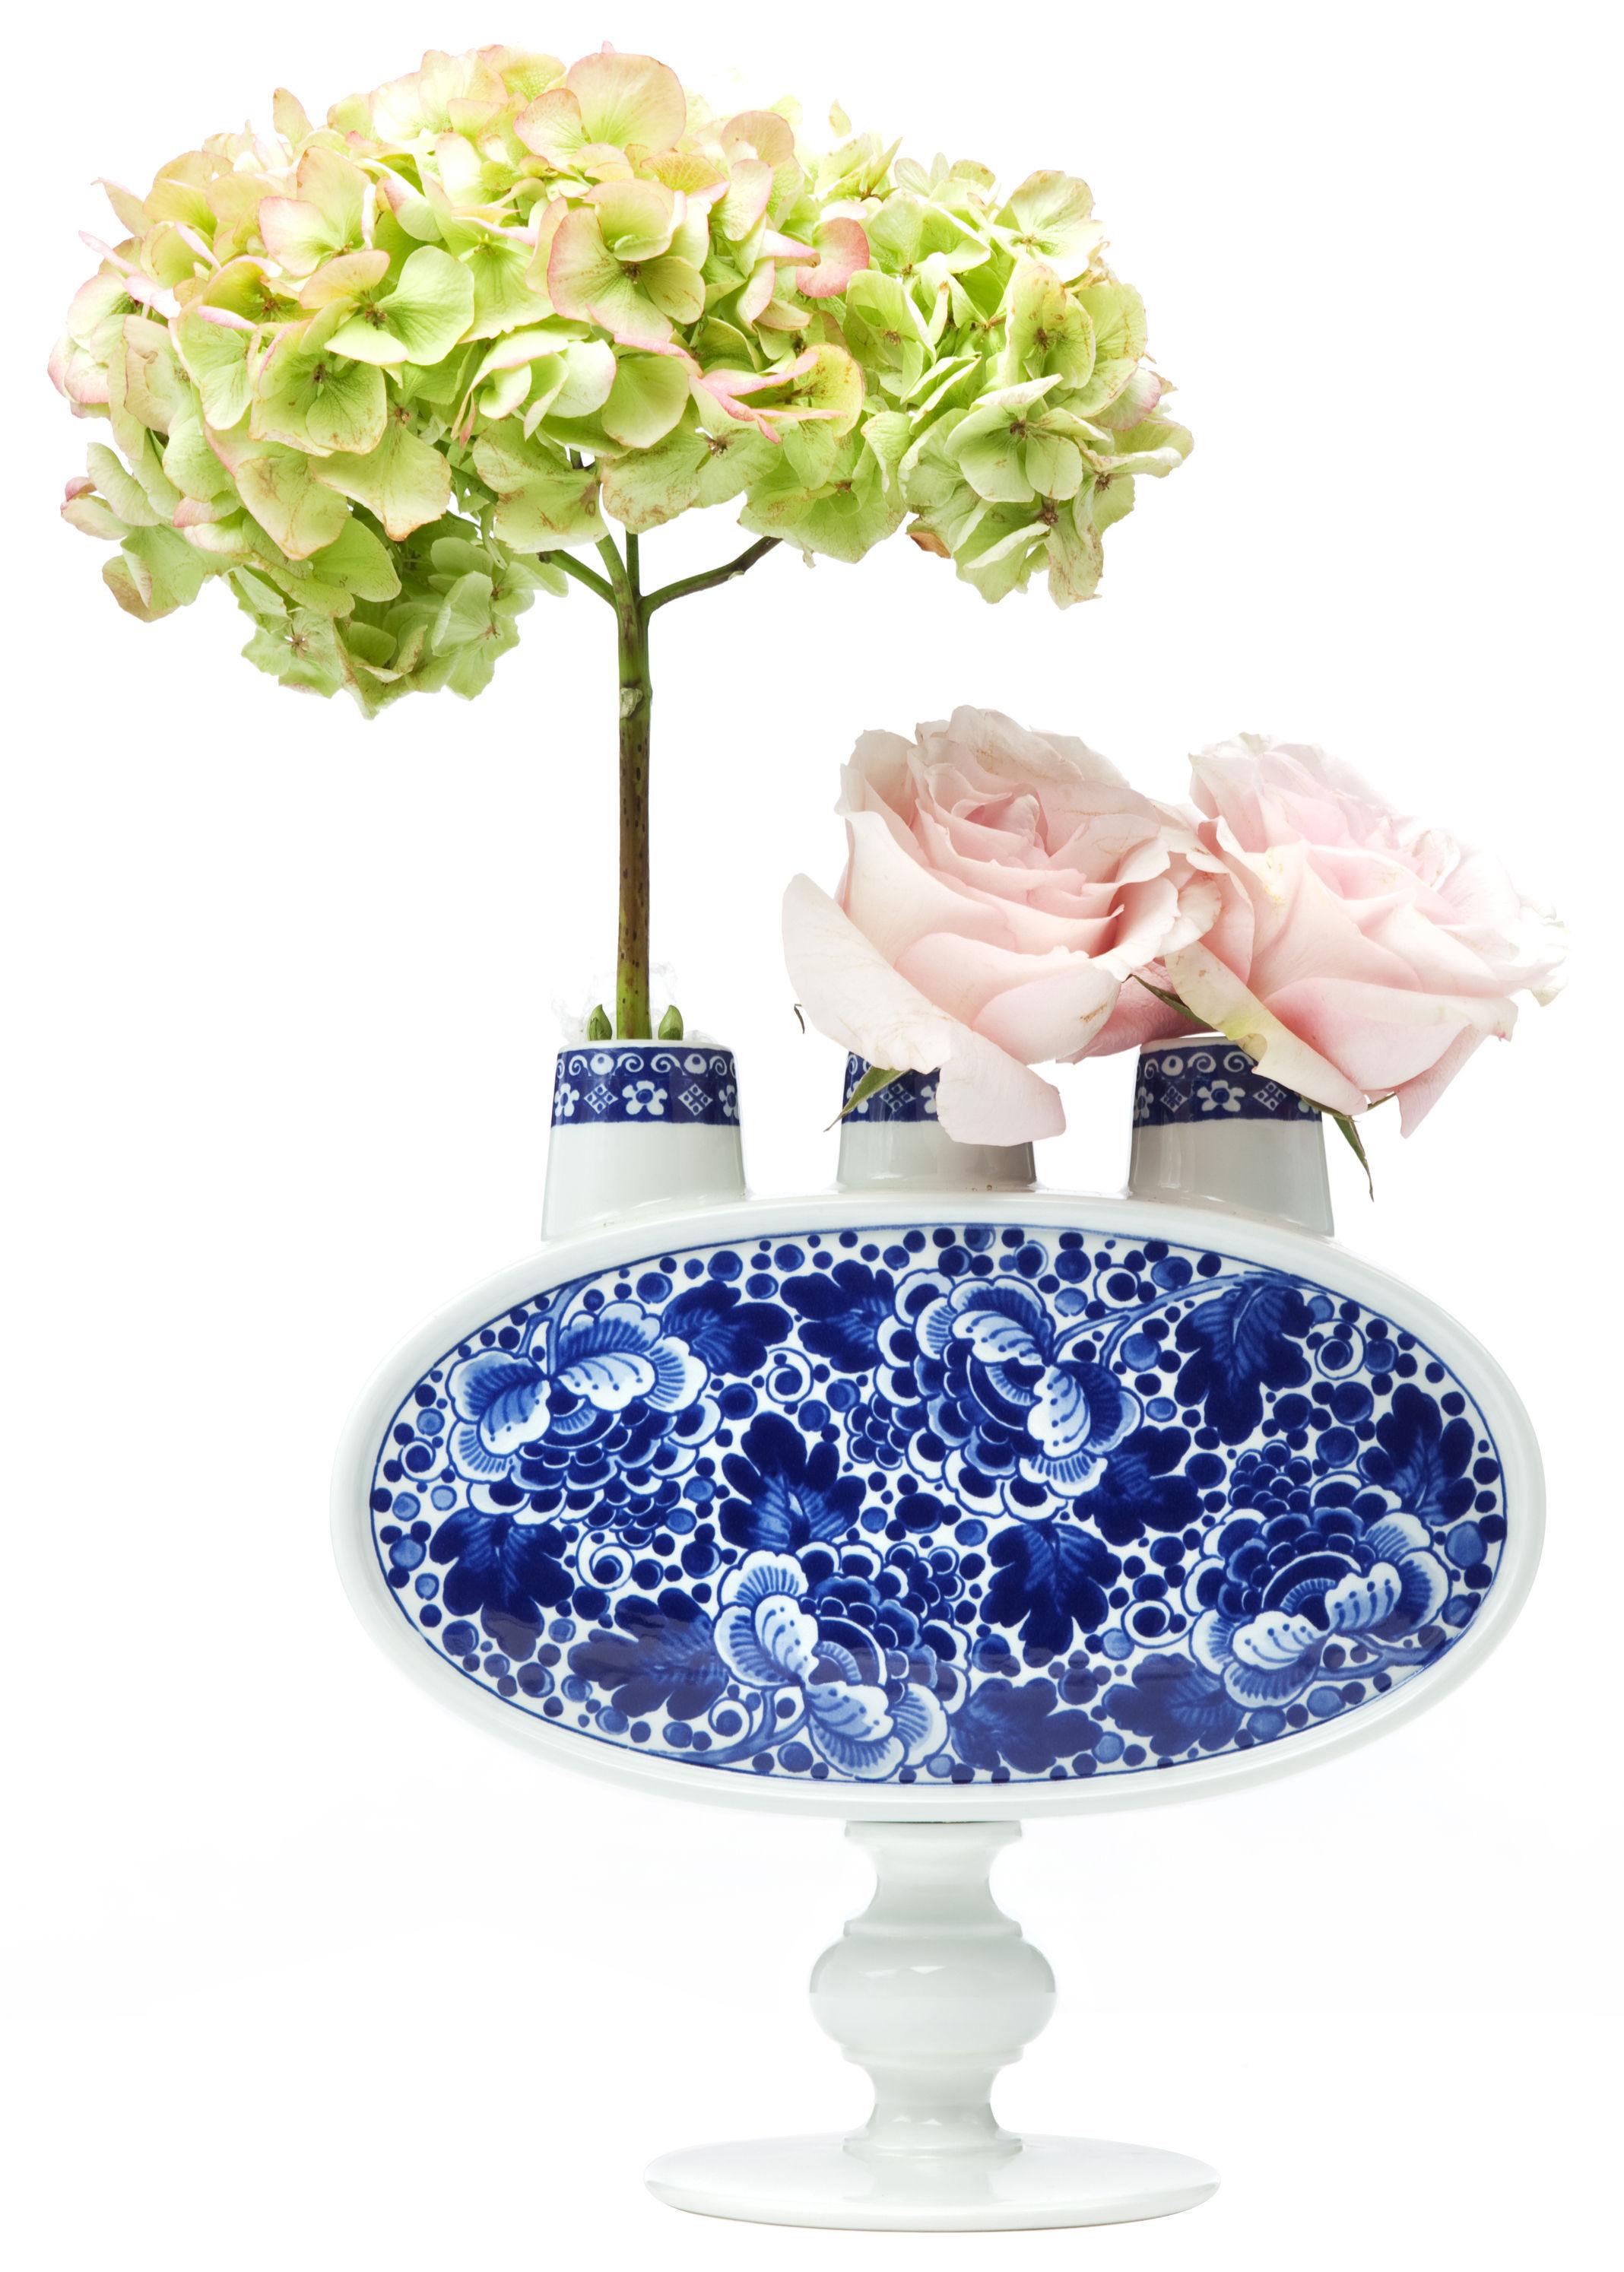 Interni - Vasi - Vaso Delft Blue 3 di Moooi - Blanc & bleu - Porcellana